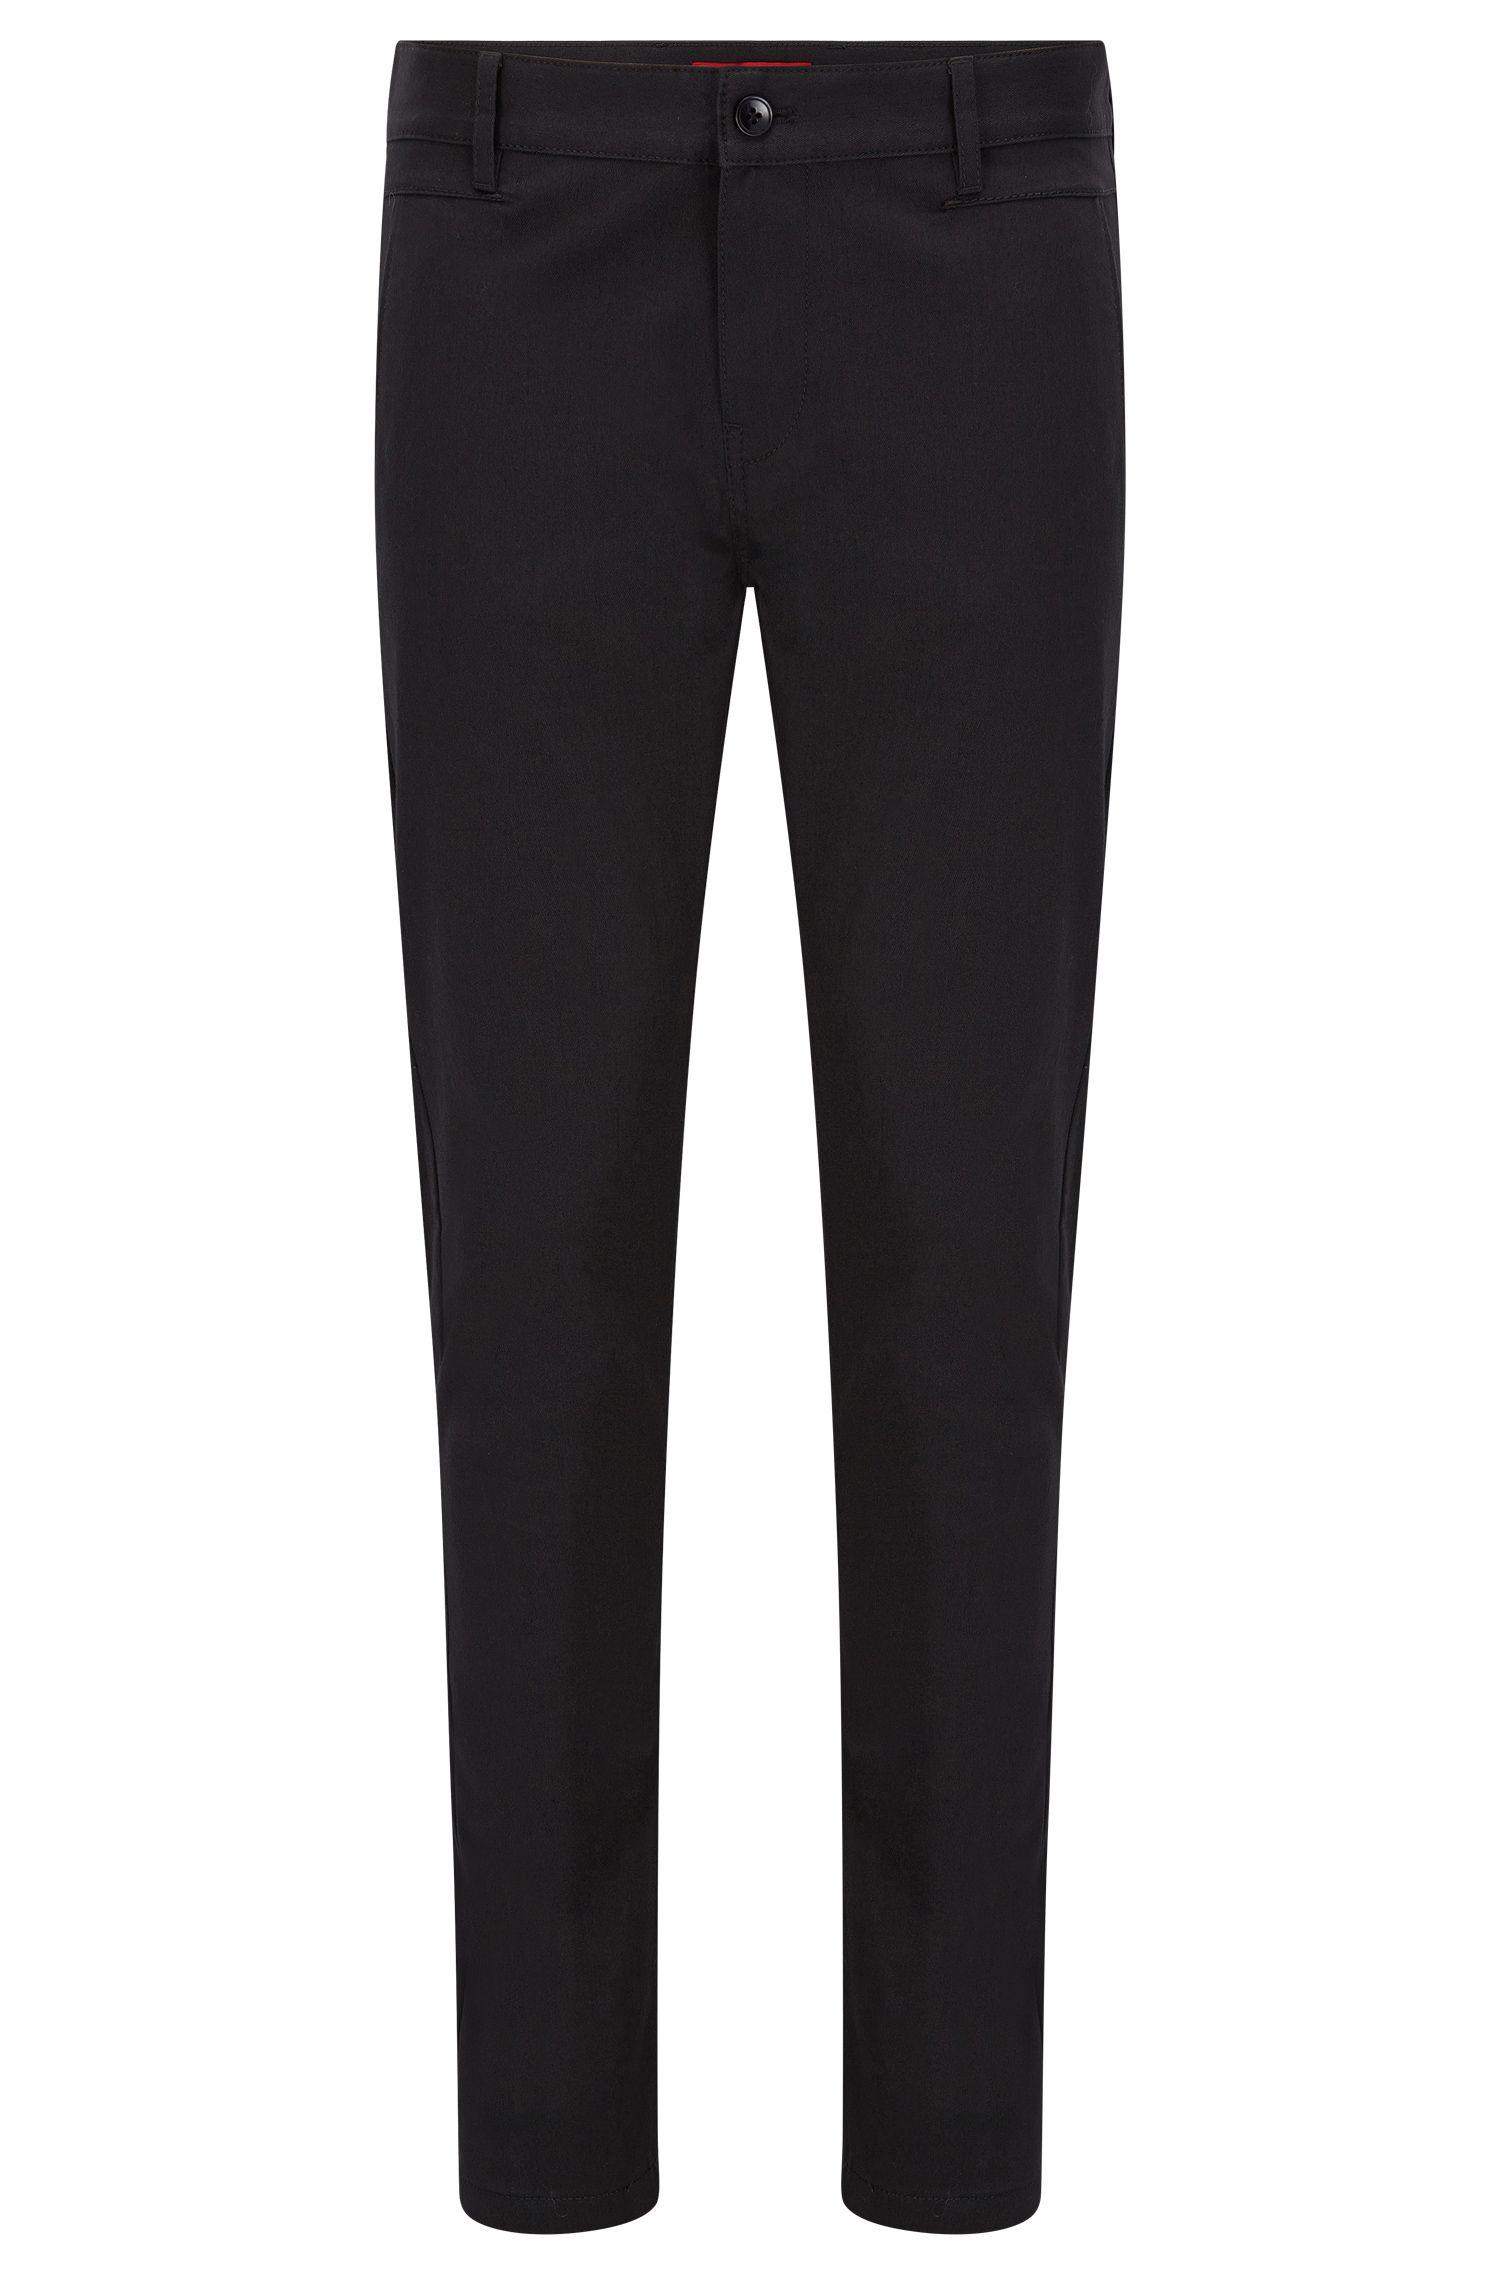 Pantaloni a gamba aderente in twill ad alta densità